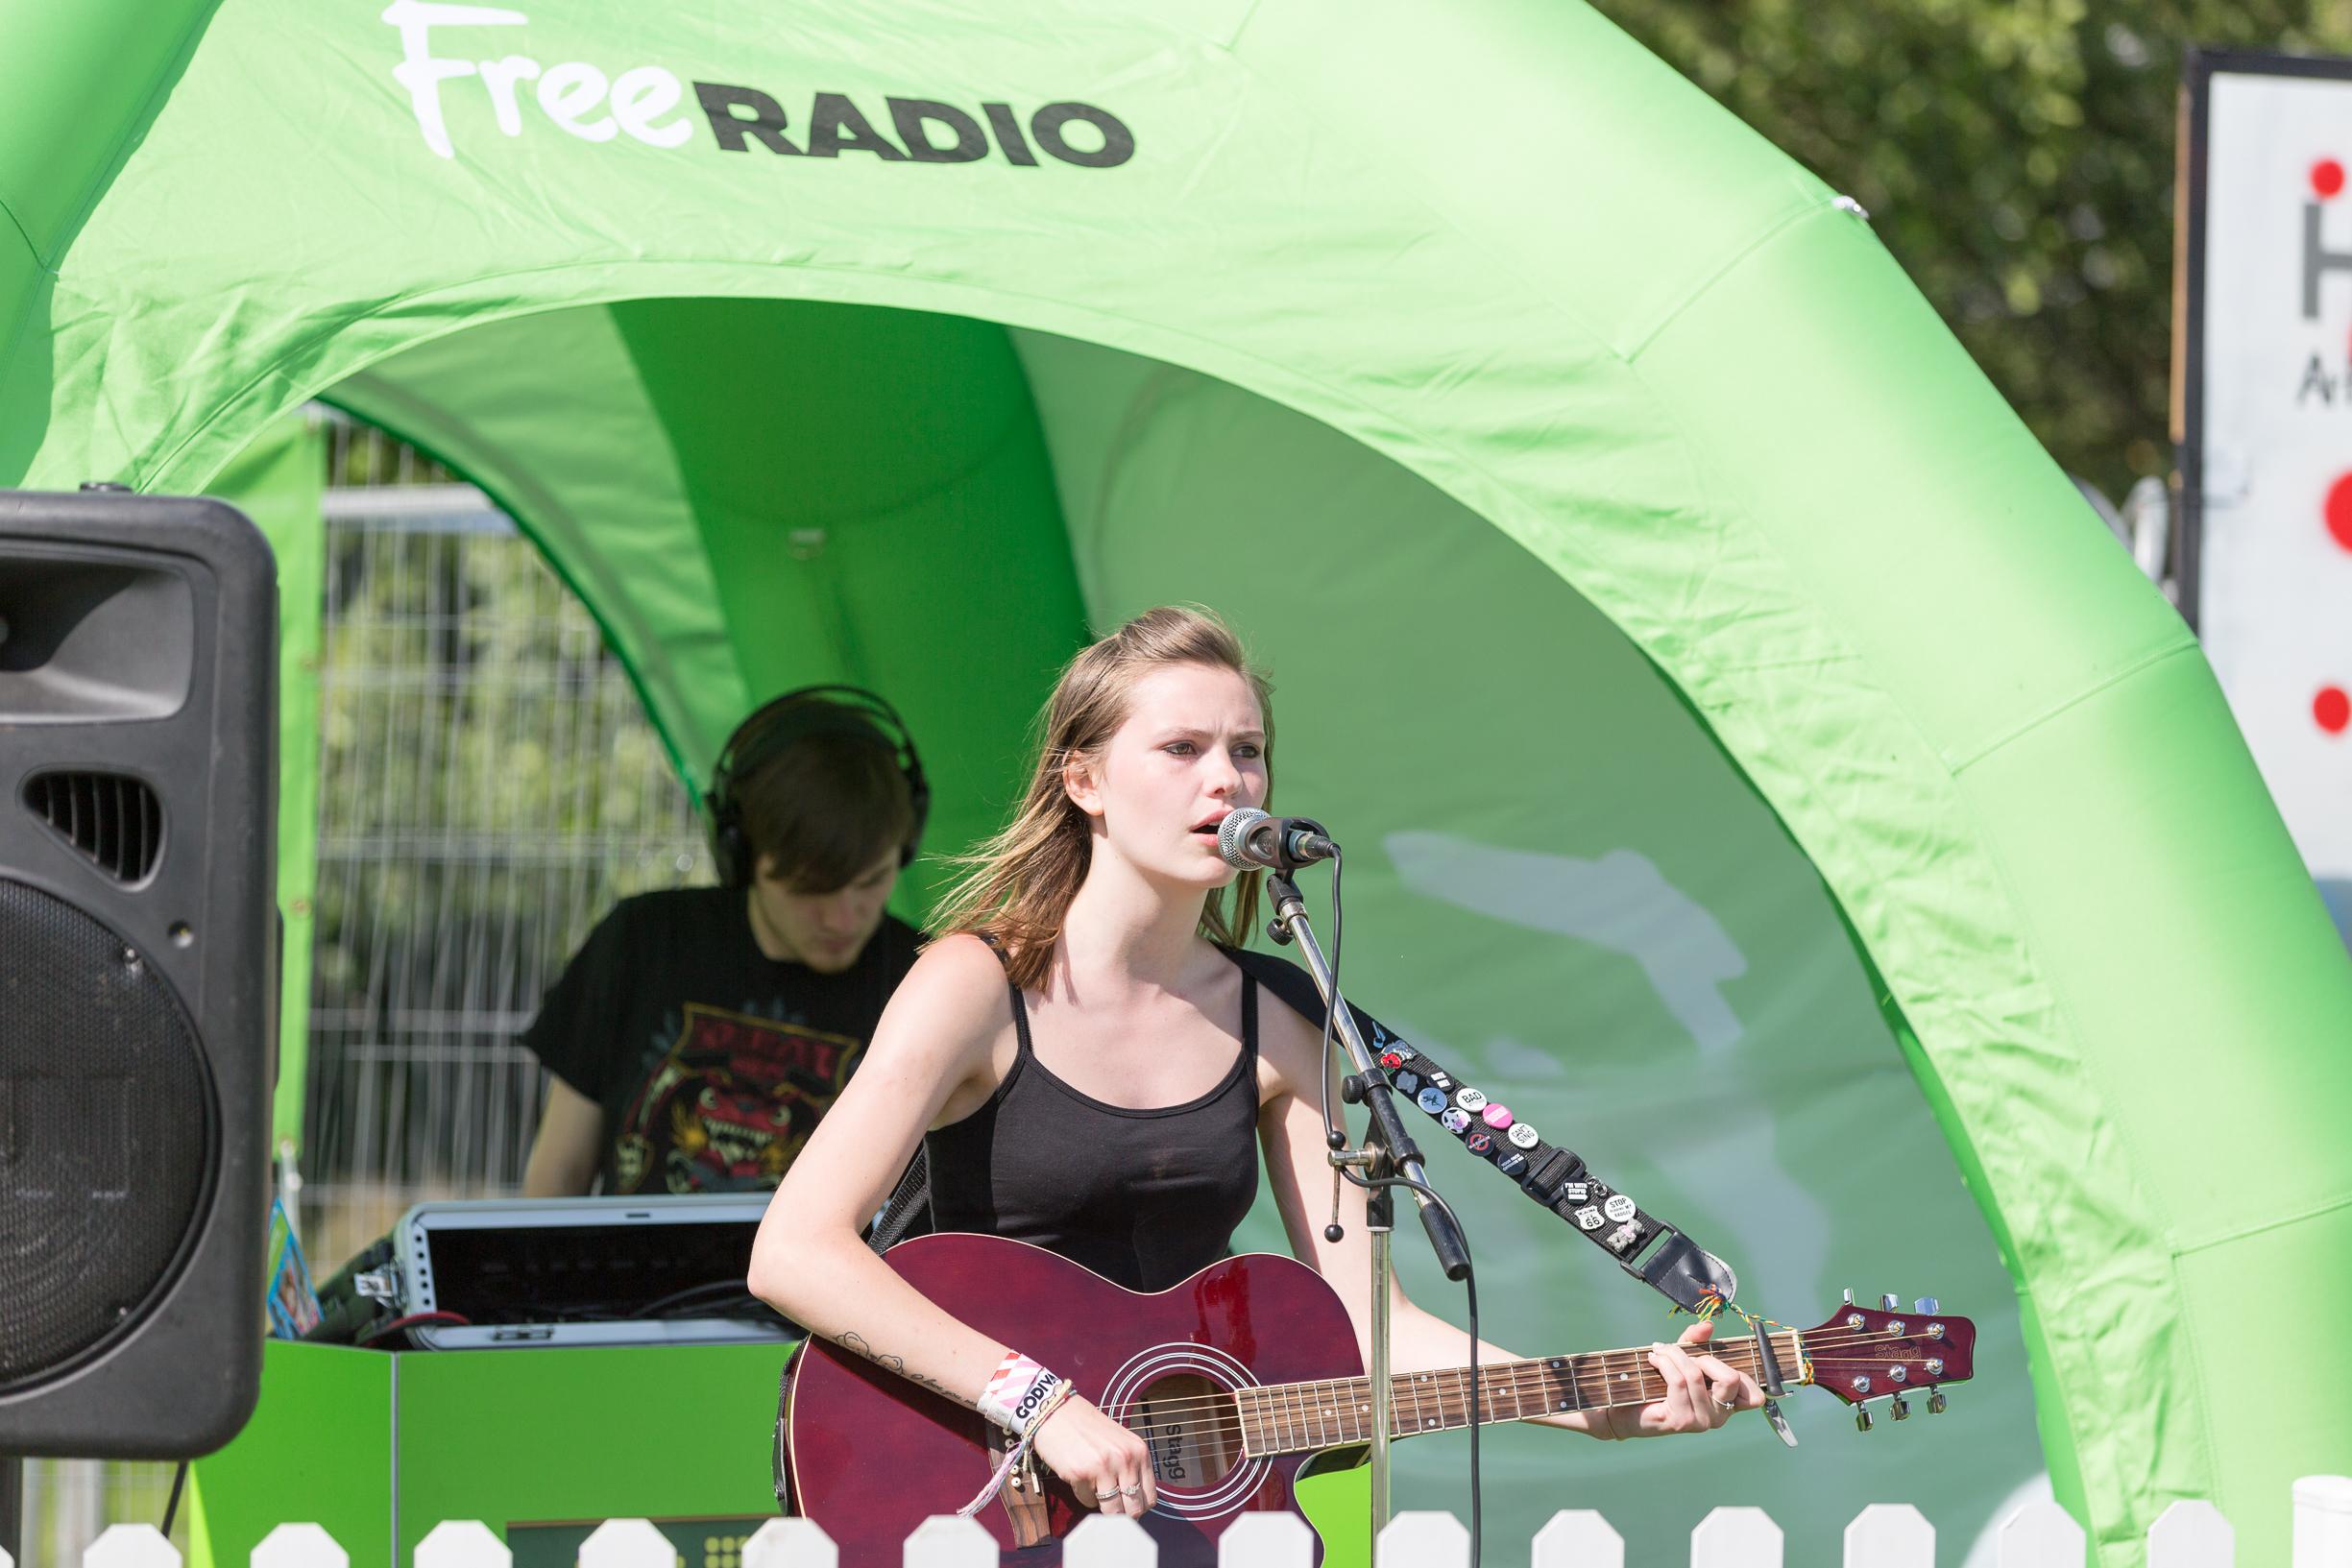 kiaya Lyons free Radio